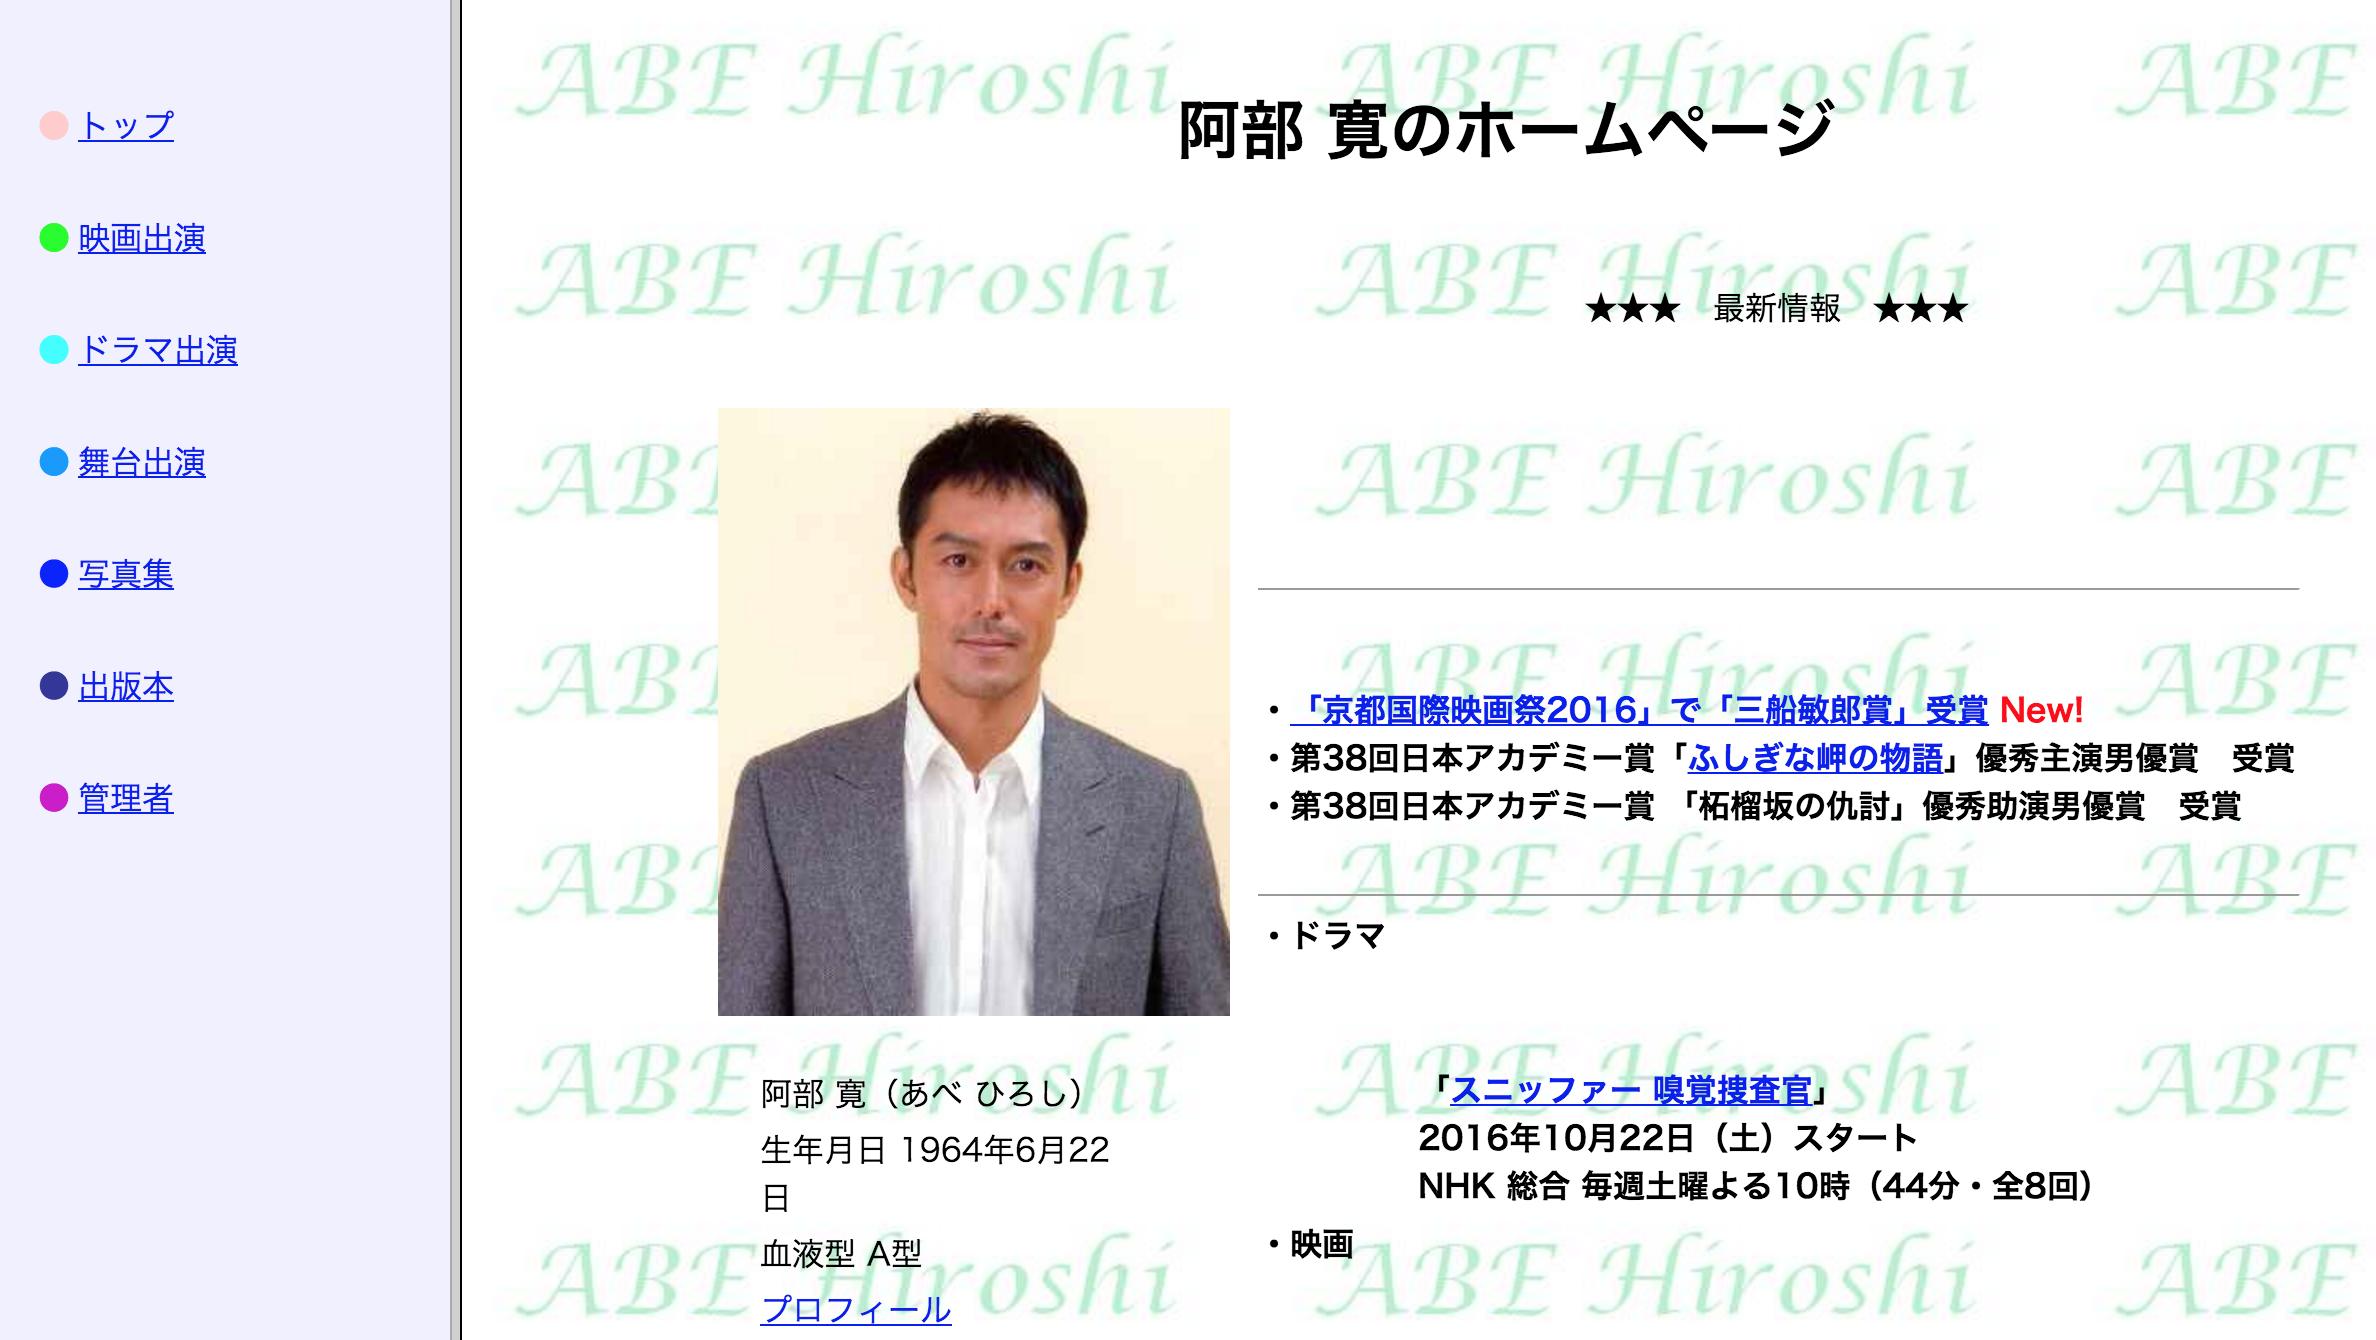 阿部寛のホームページは移転後もシンプルデザインを貫く